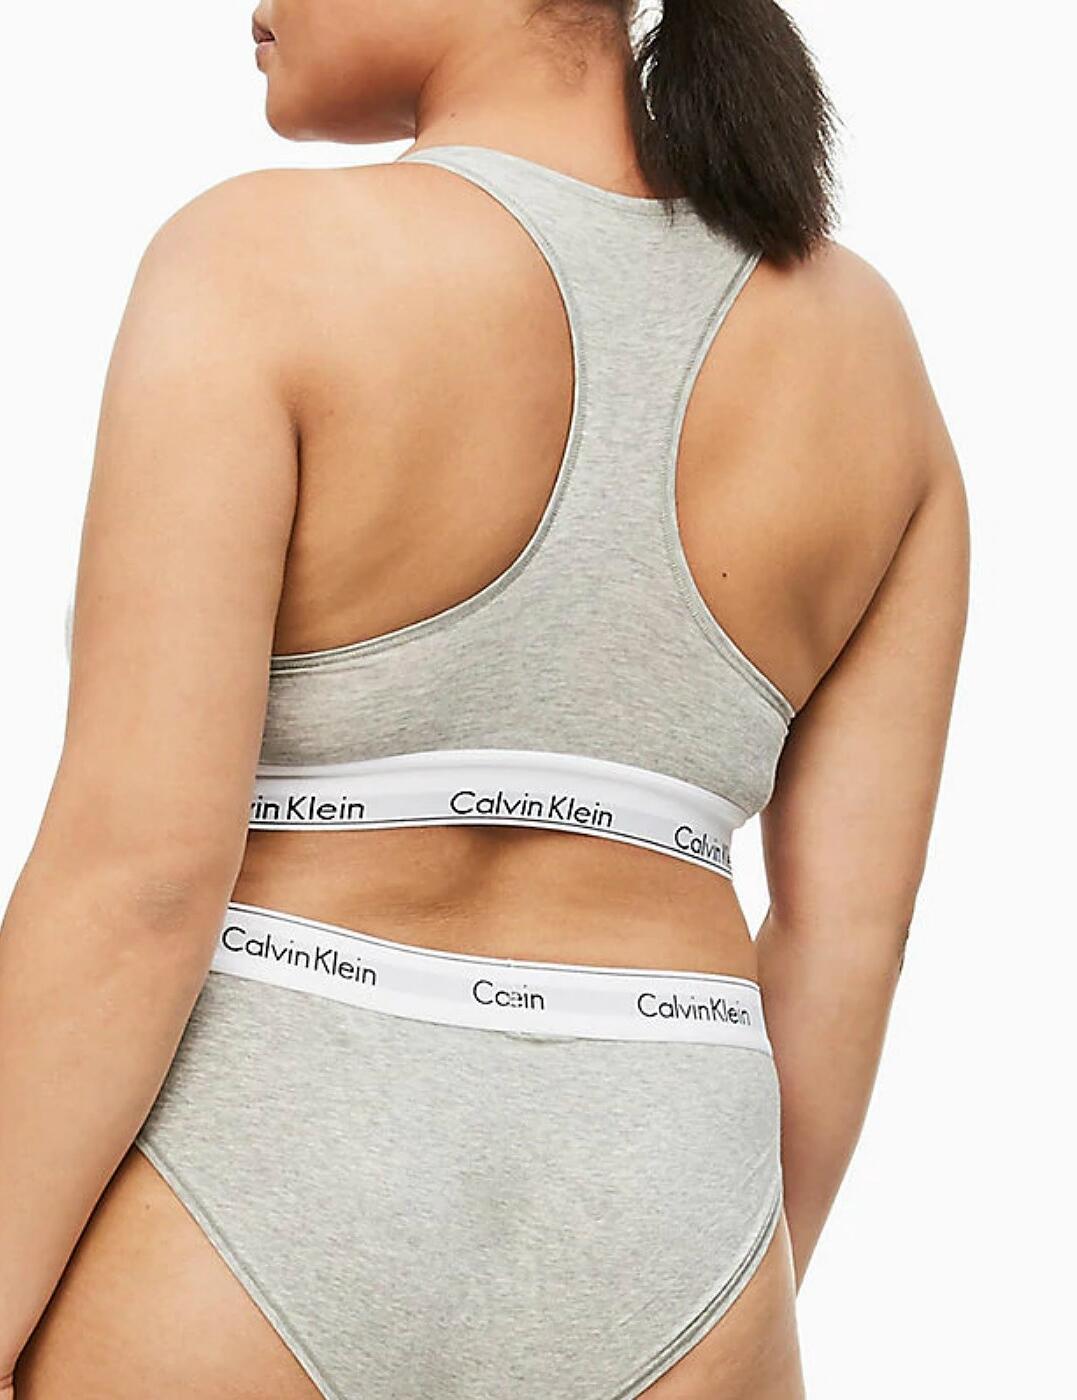 thumbnail 13 - Calvin Klein Modern Cotton Plus Bralette Bra Bra Top QF5116E New Womens Bras